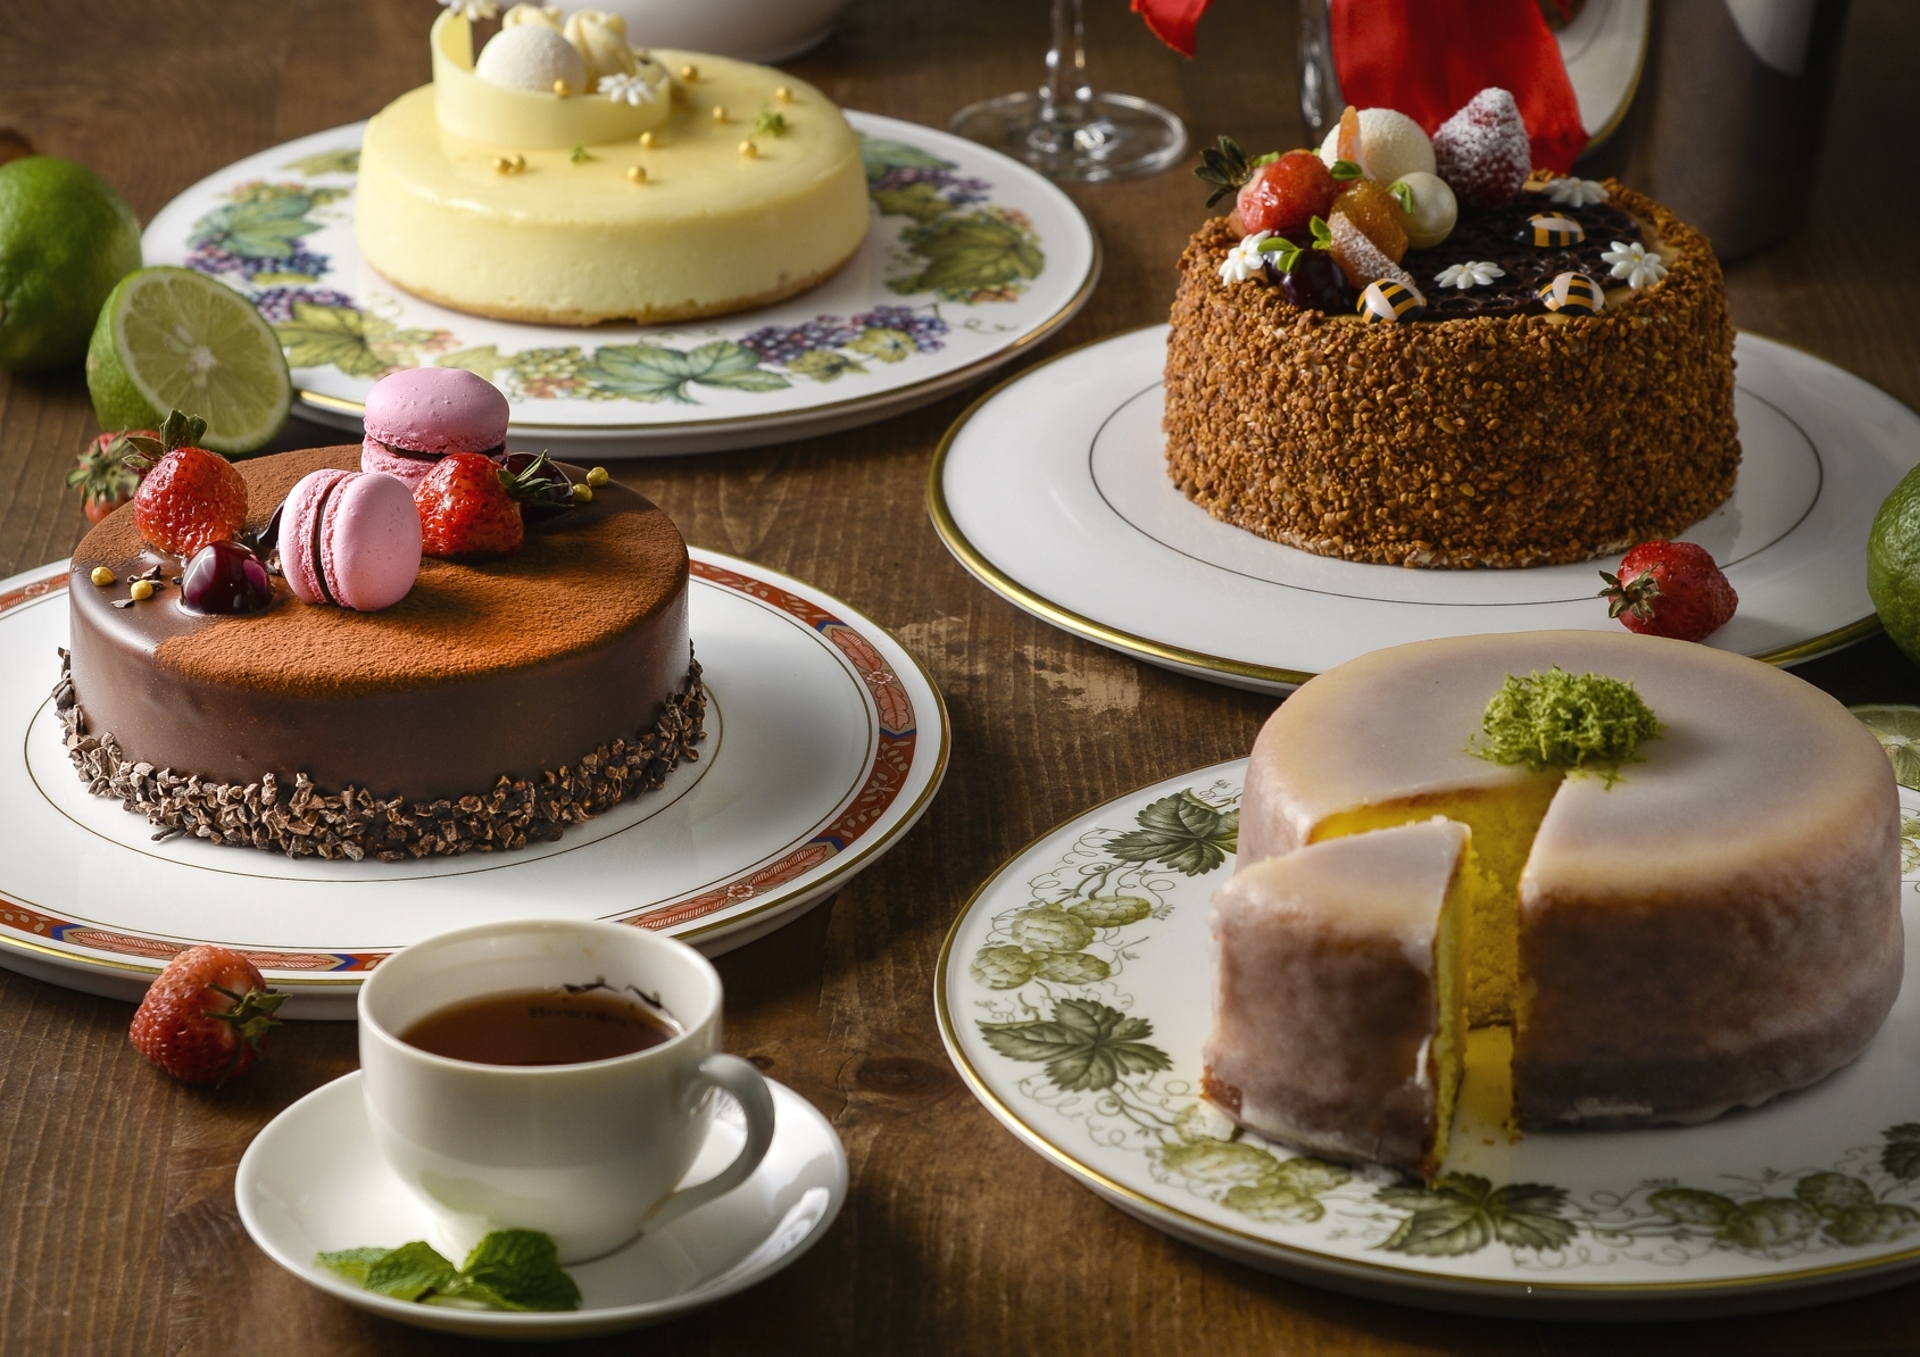 Картинки кофе и чай за столом с десертом